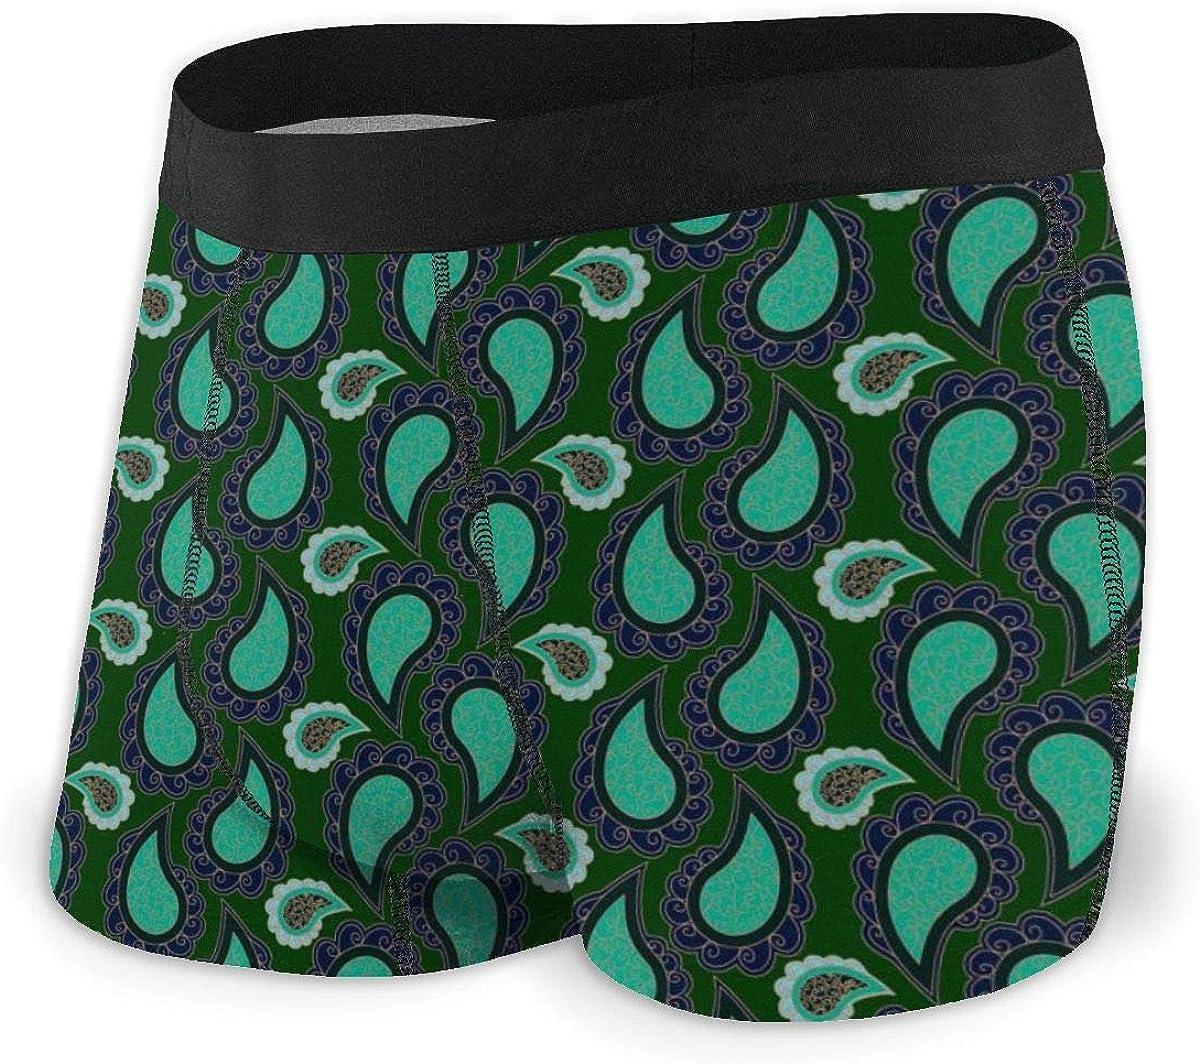 Mens Boxer Briefs Turquoise Green Paisley Unique Breathable Underwear